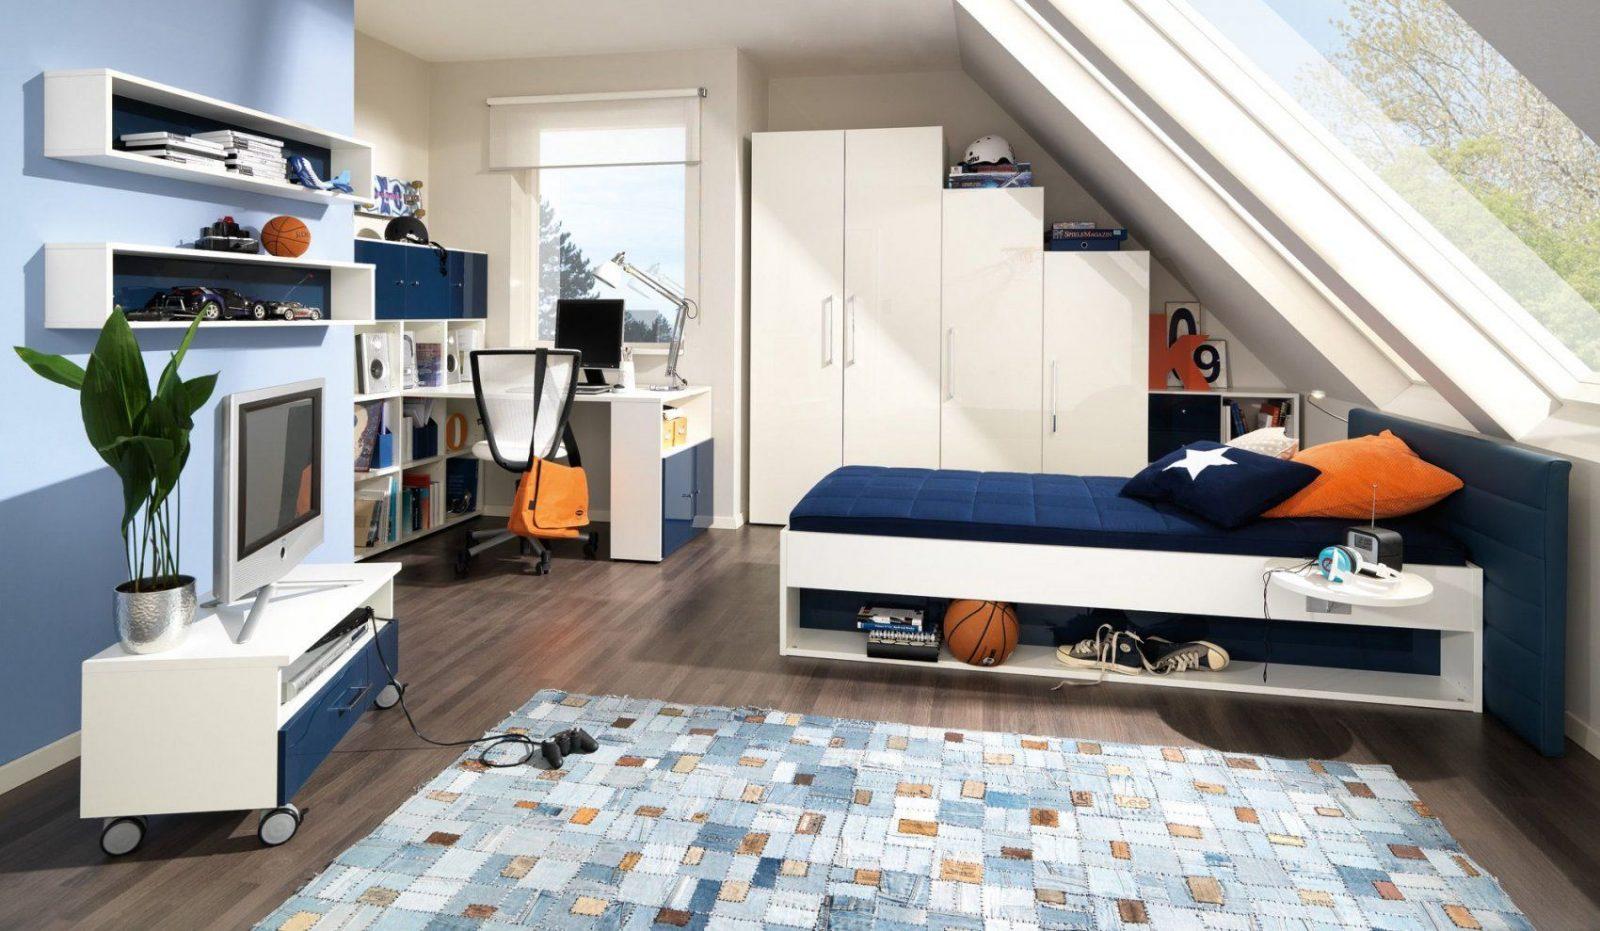 Jugendzimmer In Blau Und Creme Gestalten  Jugendzimmer  Pinterest von Jugendzimmer Mit Dachschräge Einrichten Bild